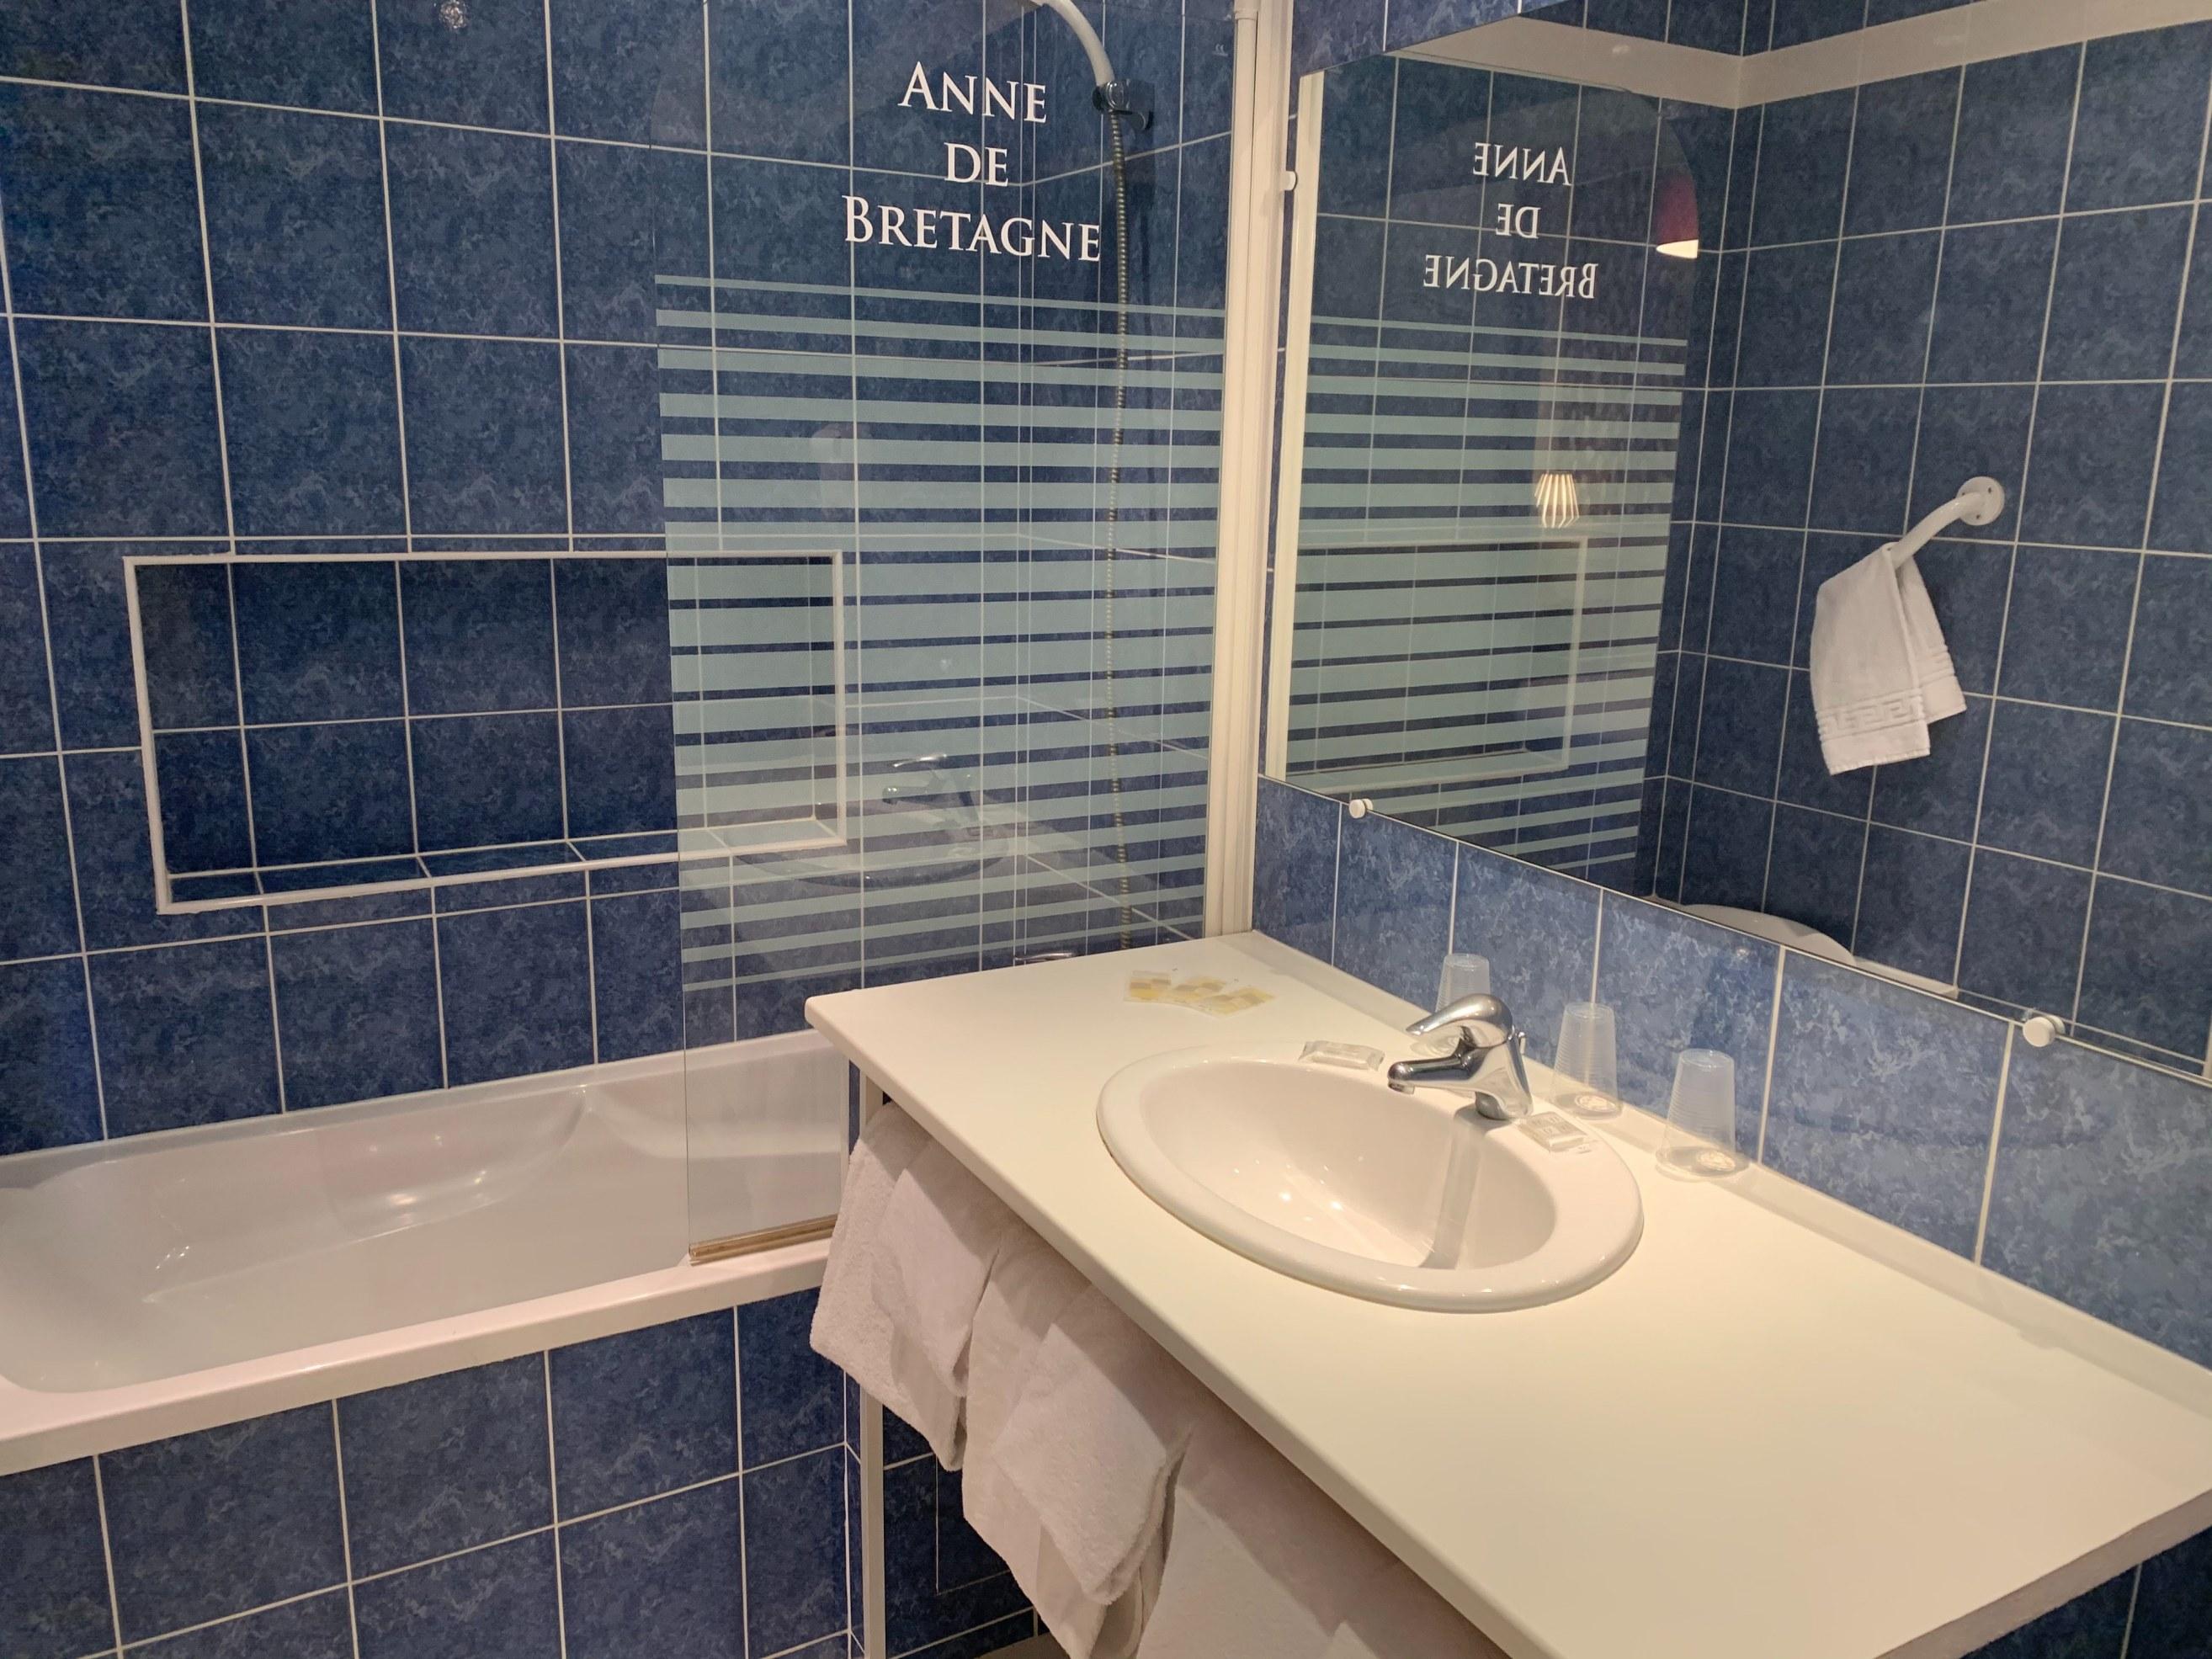 hotel-anne-de-bretagne-blois-centre-ville-chambre-triple-superieure-valcon-avec-salle-de-bains-famille